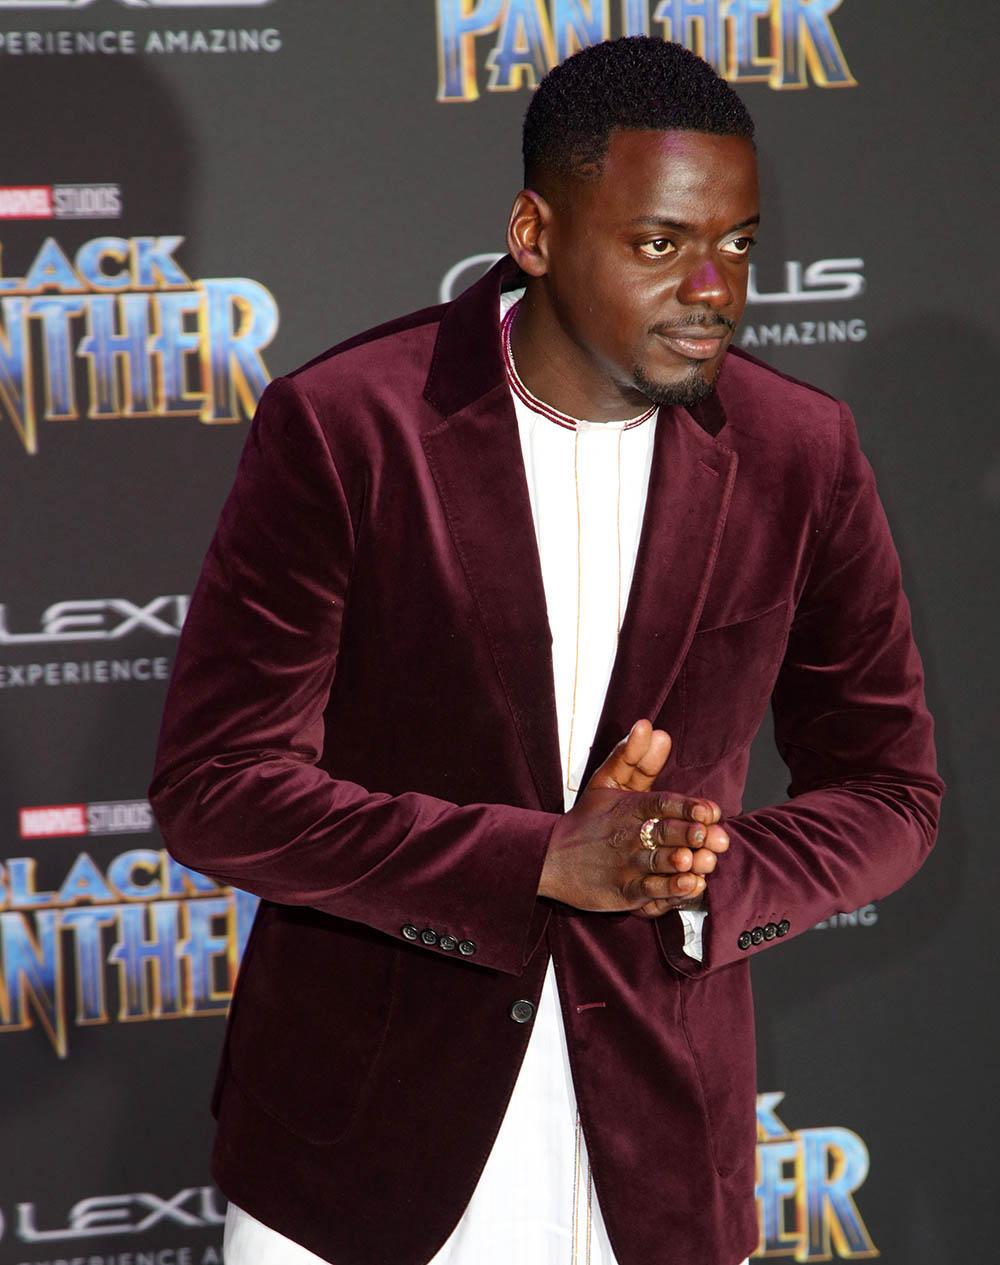 Daniel Kaluuya at Film Premiere of Black Panther